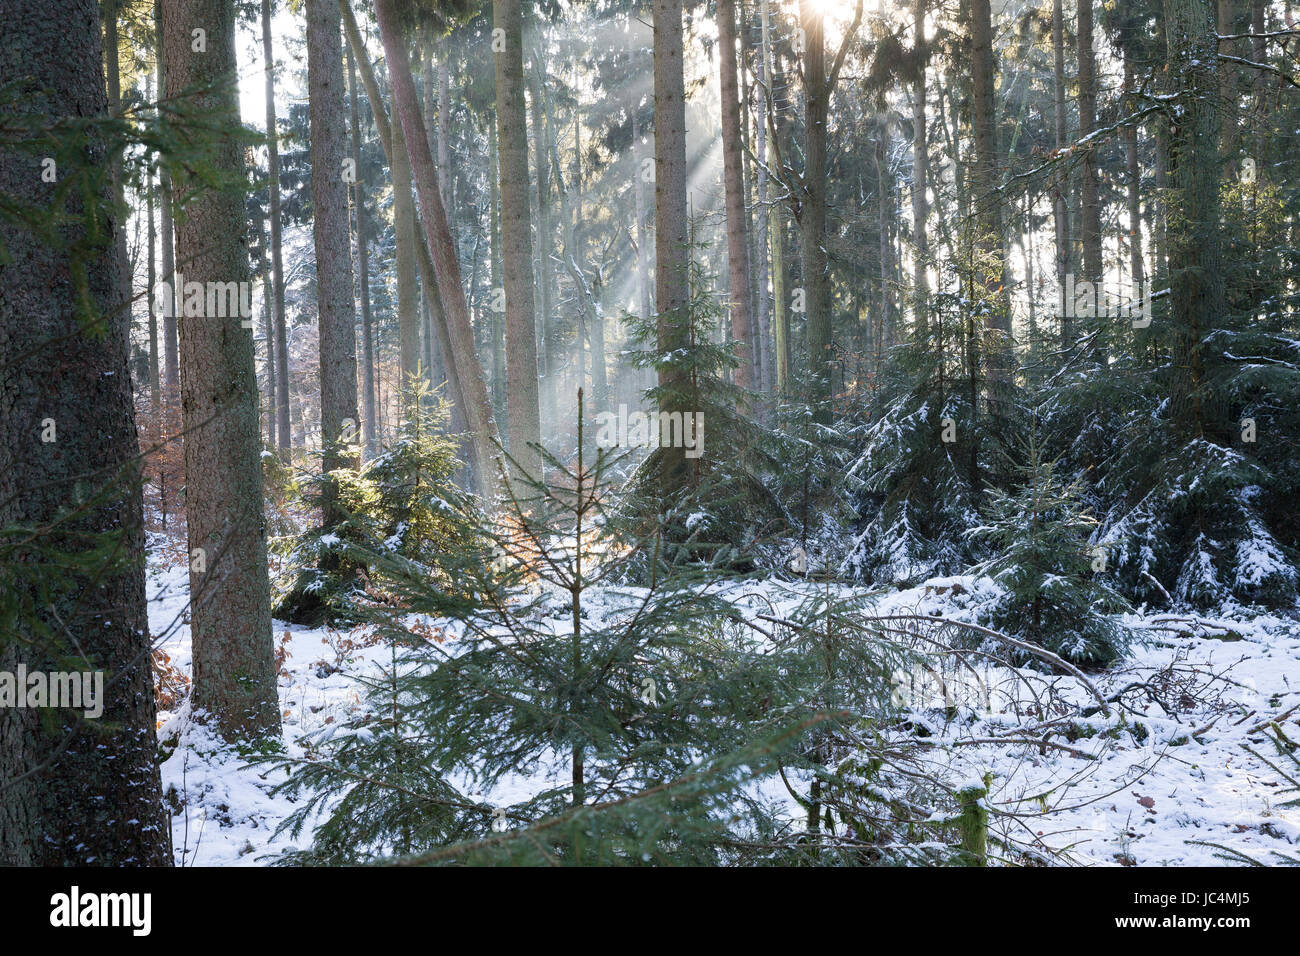 Winterwald, Fichtenwald, Nadelwald, Mischwald im Winter, Gewöhnliche Fichte, Rot-Fichte, Rotfichte, Picea abies, - Stock Image